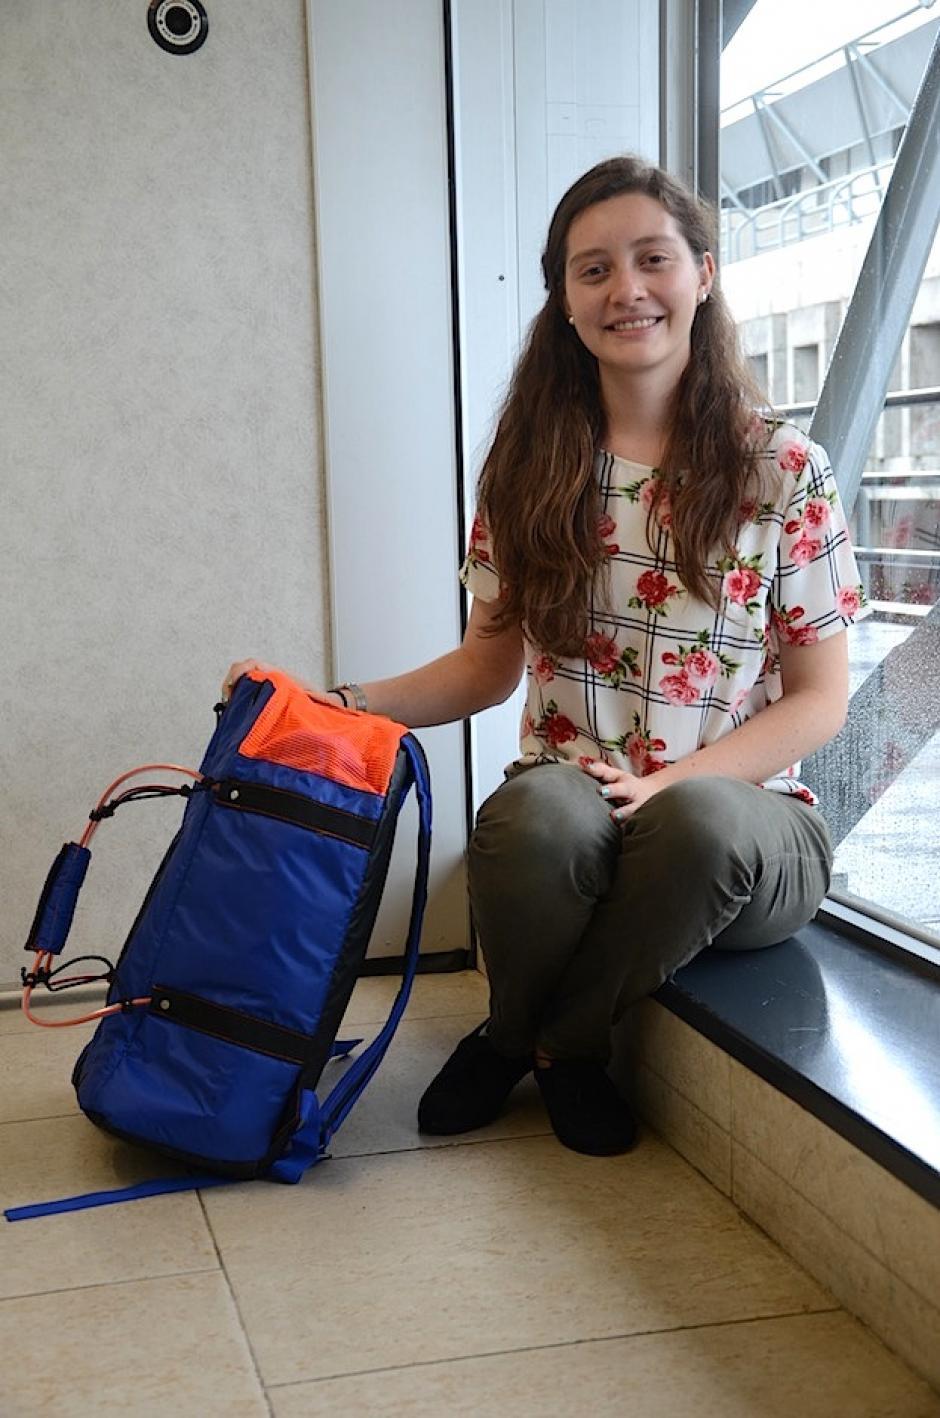 Anahí García presenta una práctiva mochila que se transforma en bolso. (Foto: Selene mejía/Soy502)